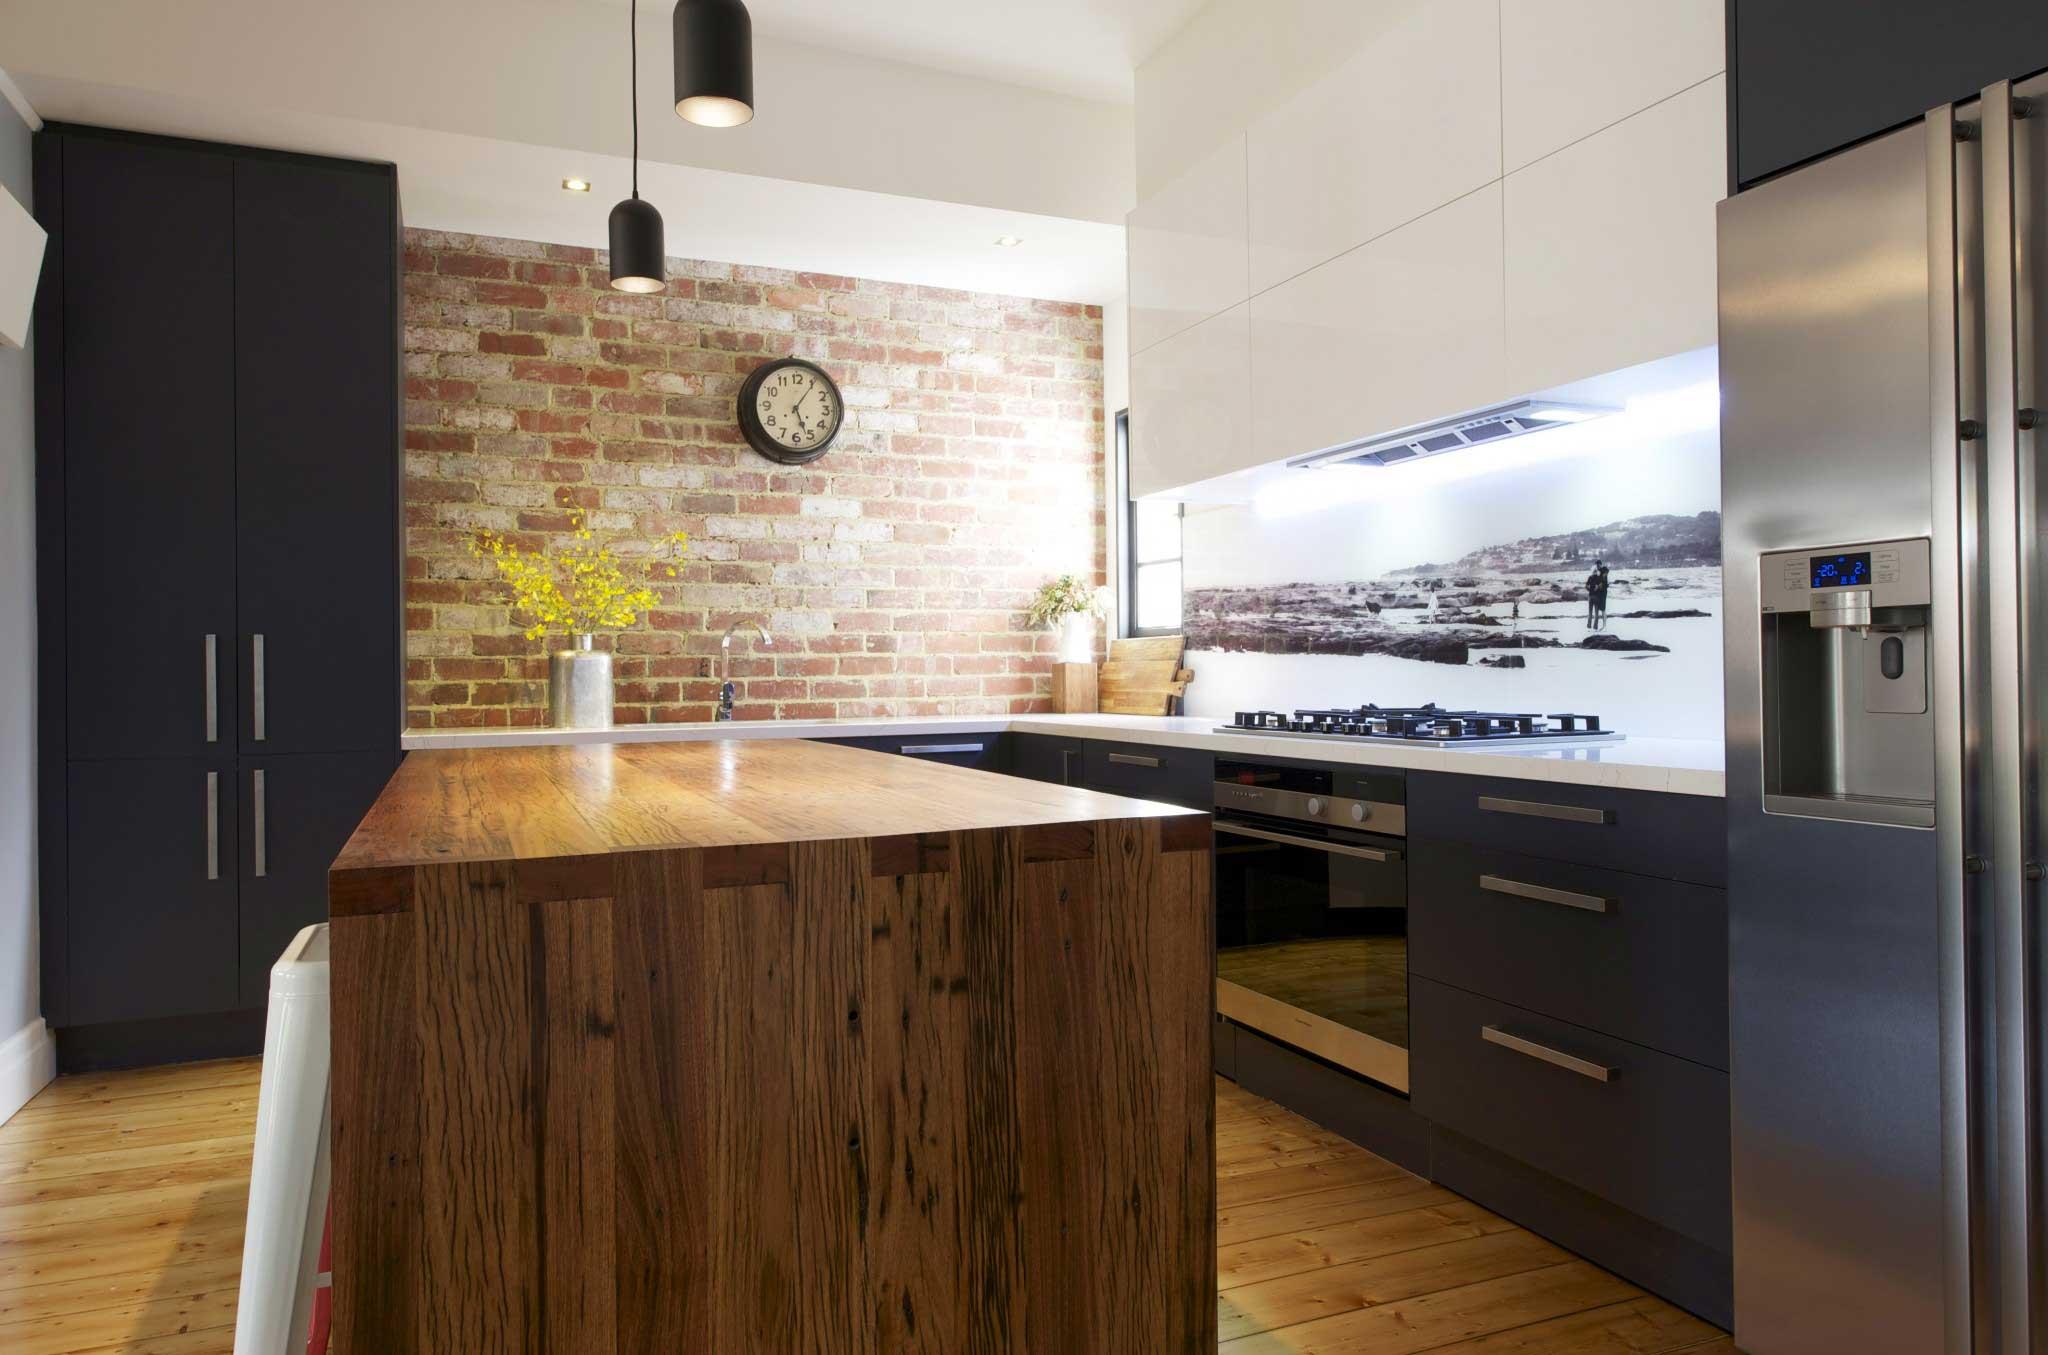 Northcote Kitchen Gallery Rosemount Kitchens